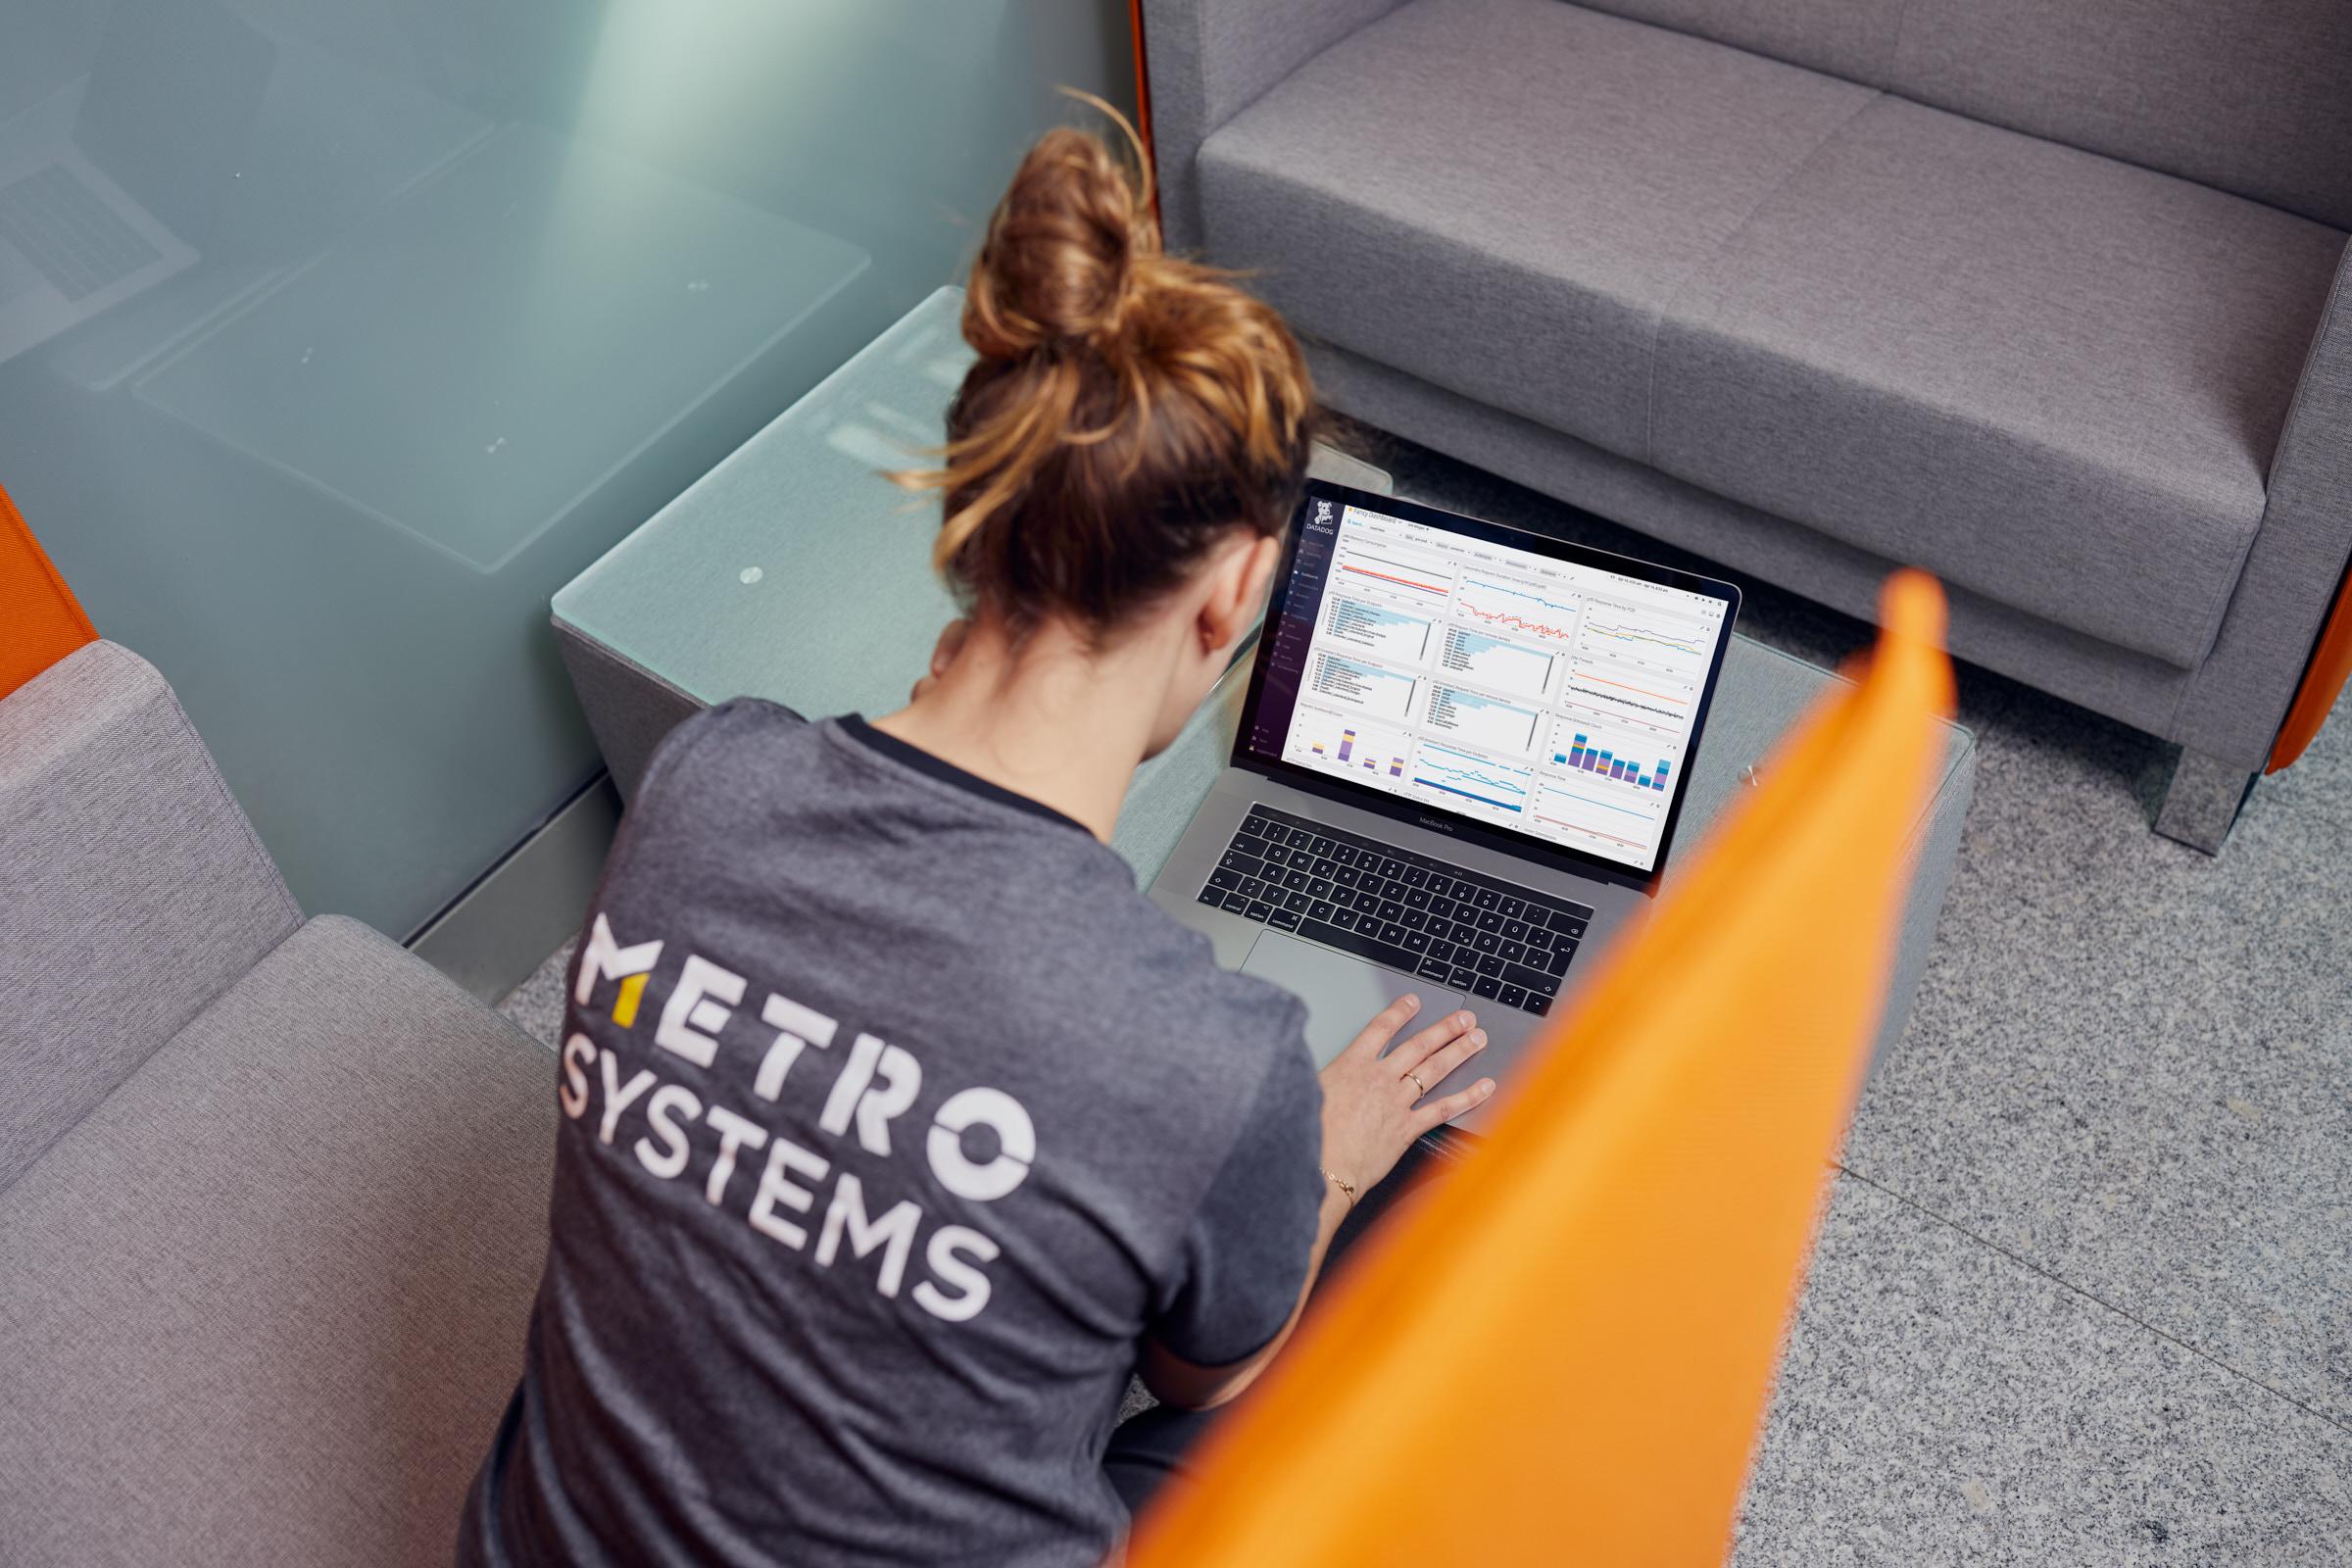 METRO SYSTEMS România, prima companie autohtonă care adoptă pe termen nedefinit  lucrul de acasă